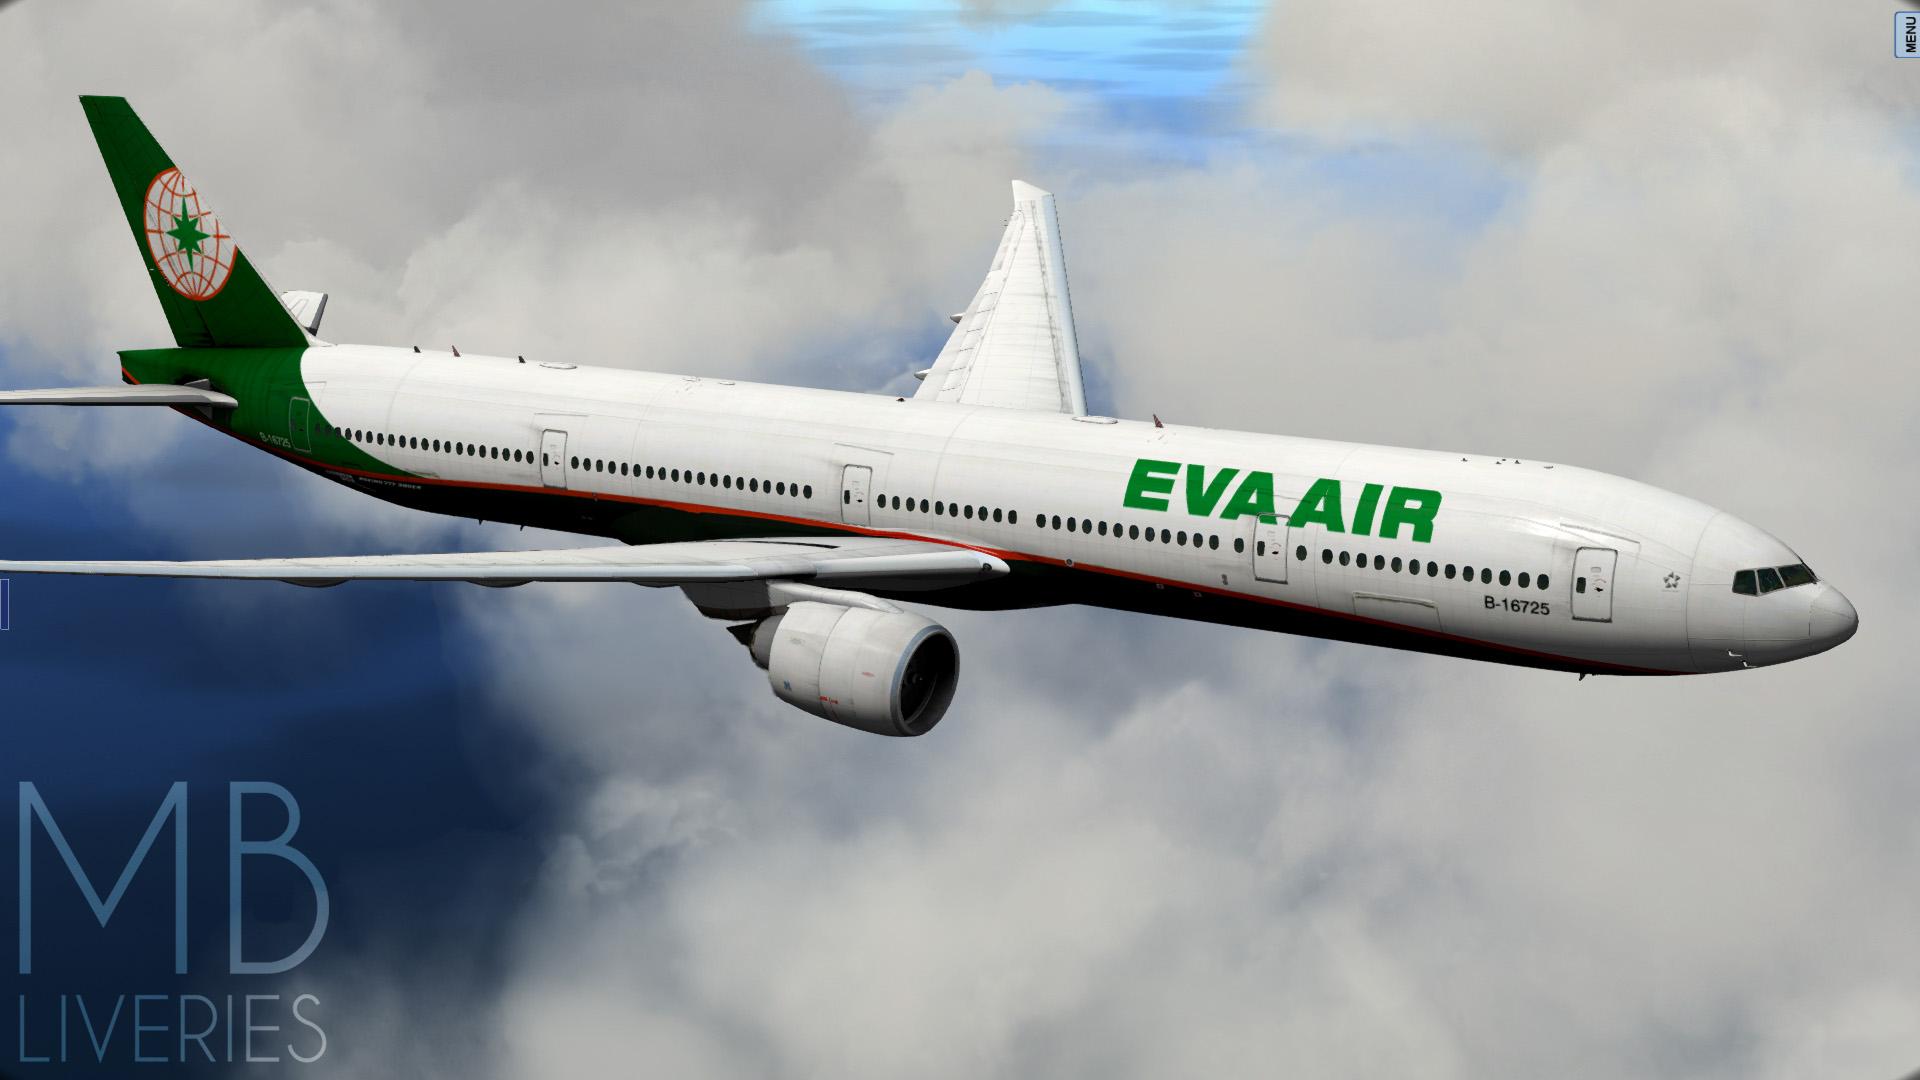 EVA Air (New) - Boeing 777-300ER - Aircraft Skins - Liveries